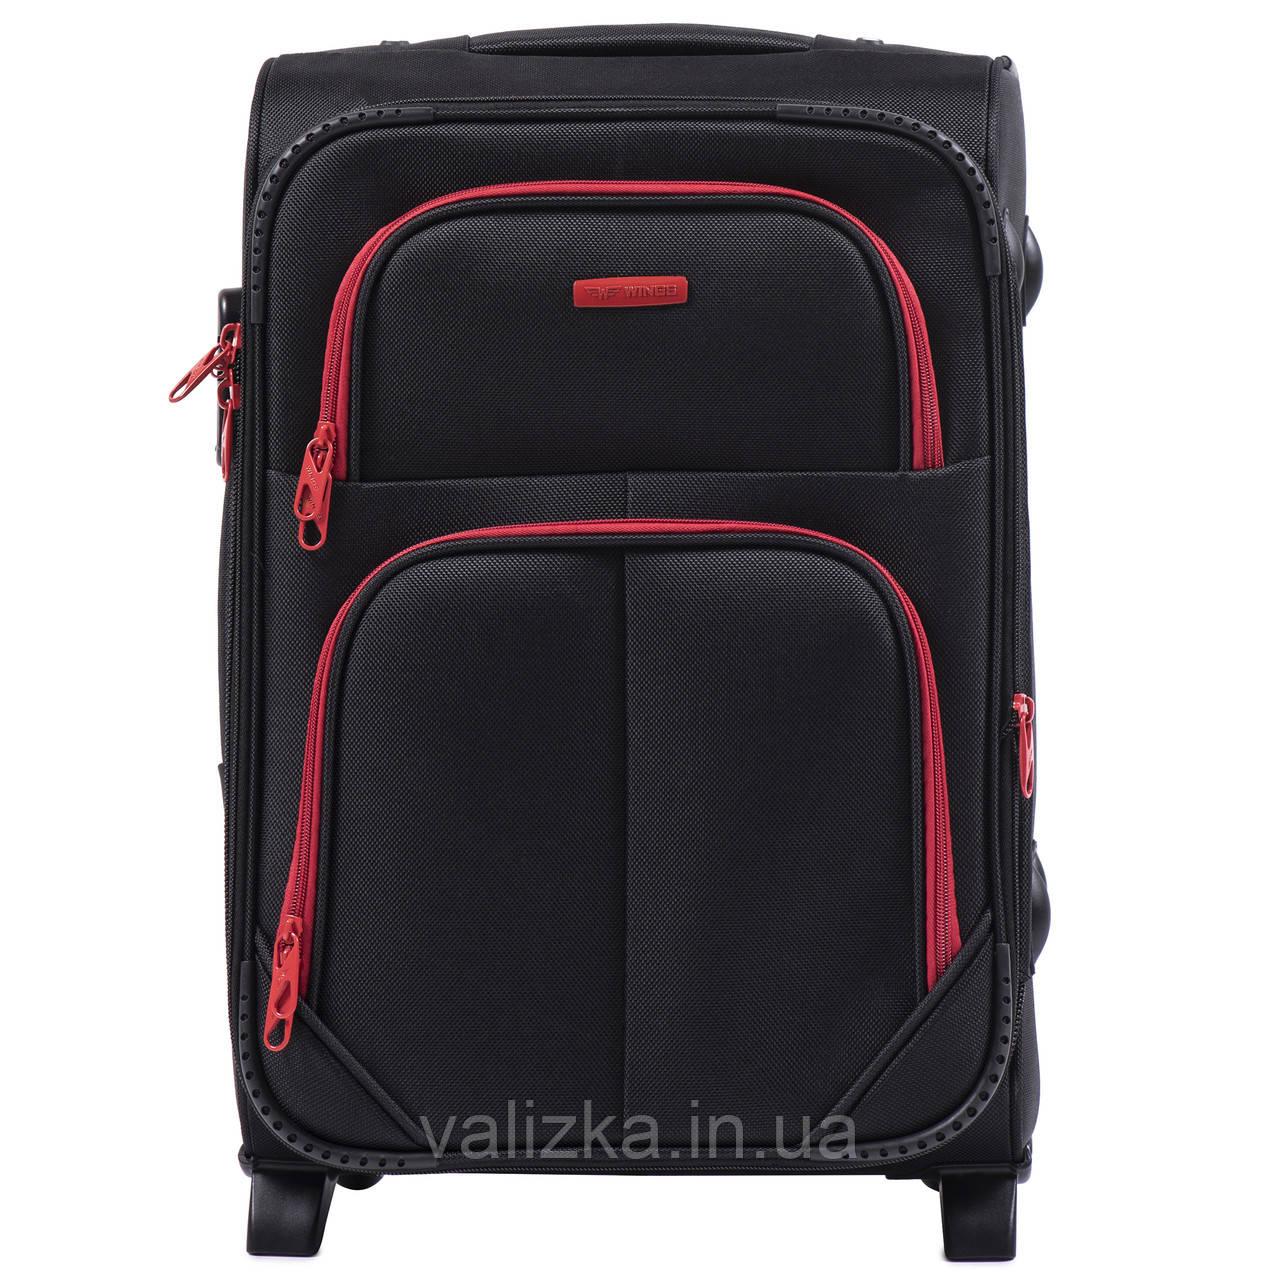 Малий текстильний валізу чорний з розширювачем Wings 214